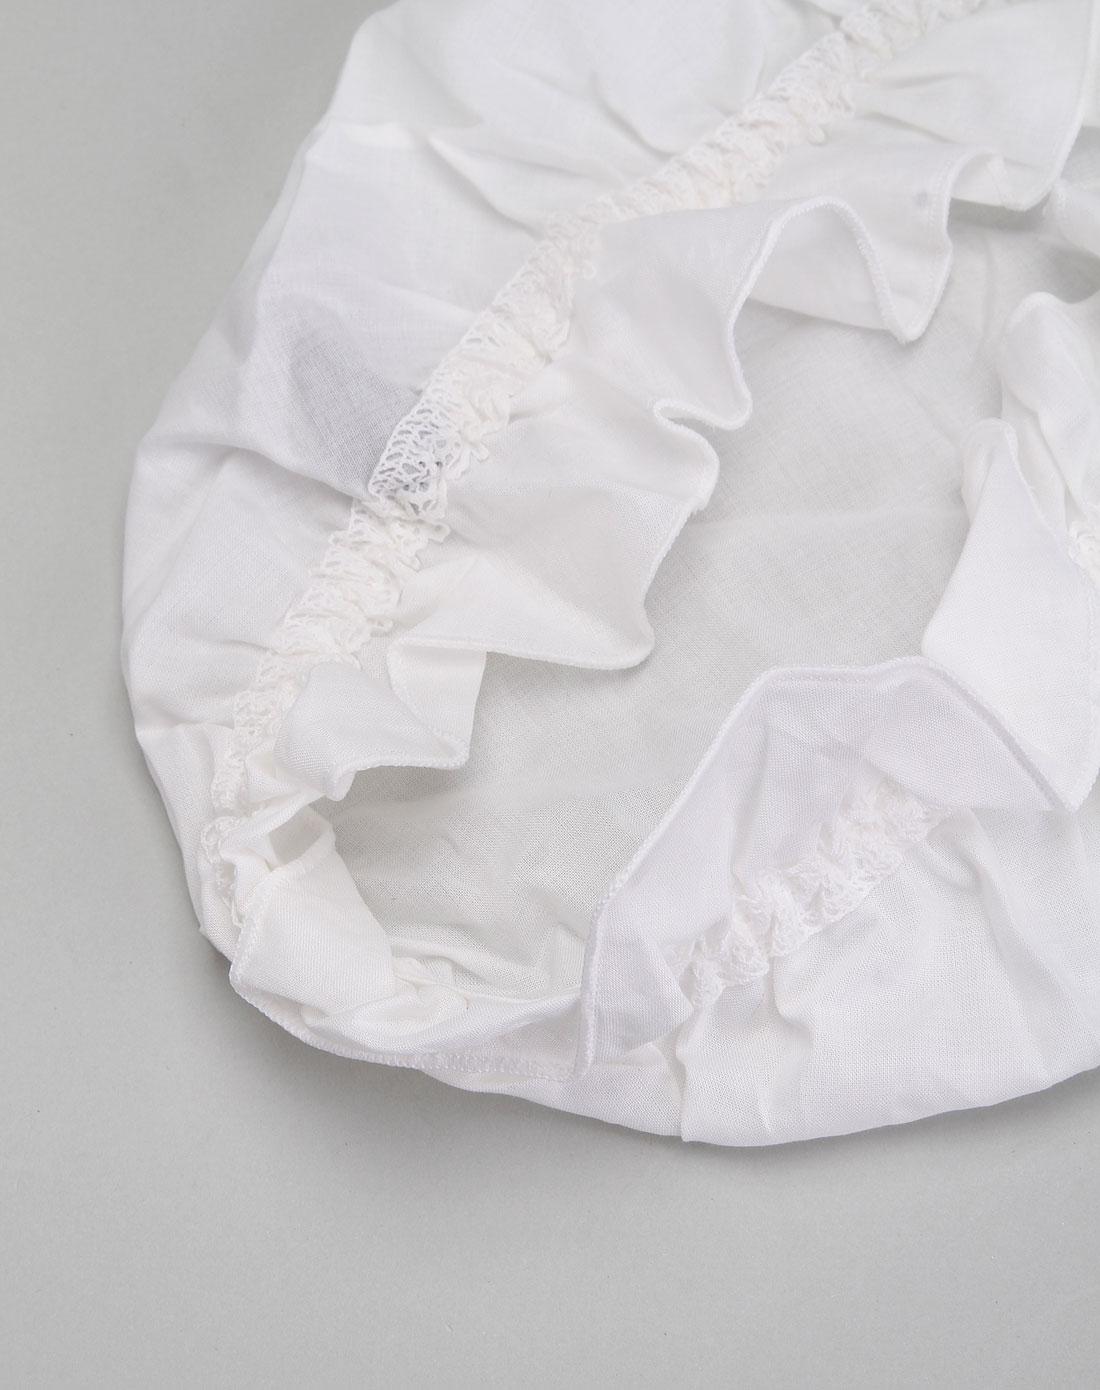 蔻夏尔corsetc内衣专场白色简约睡帽